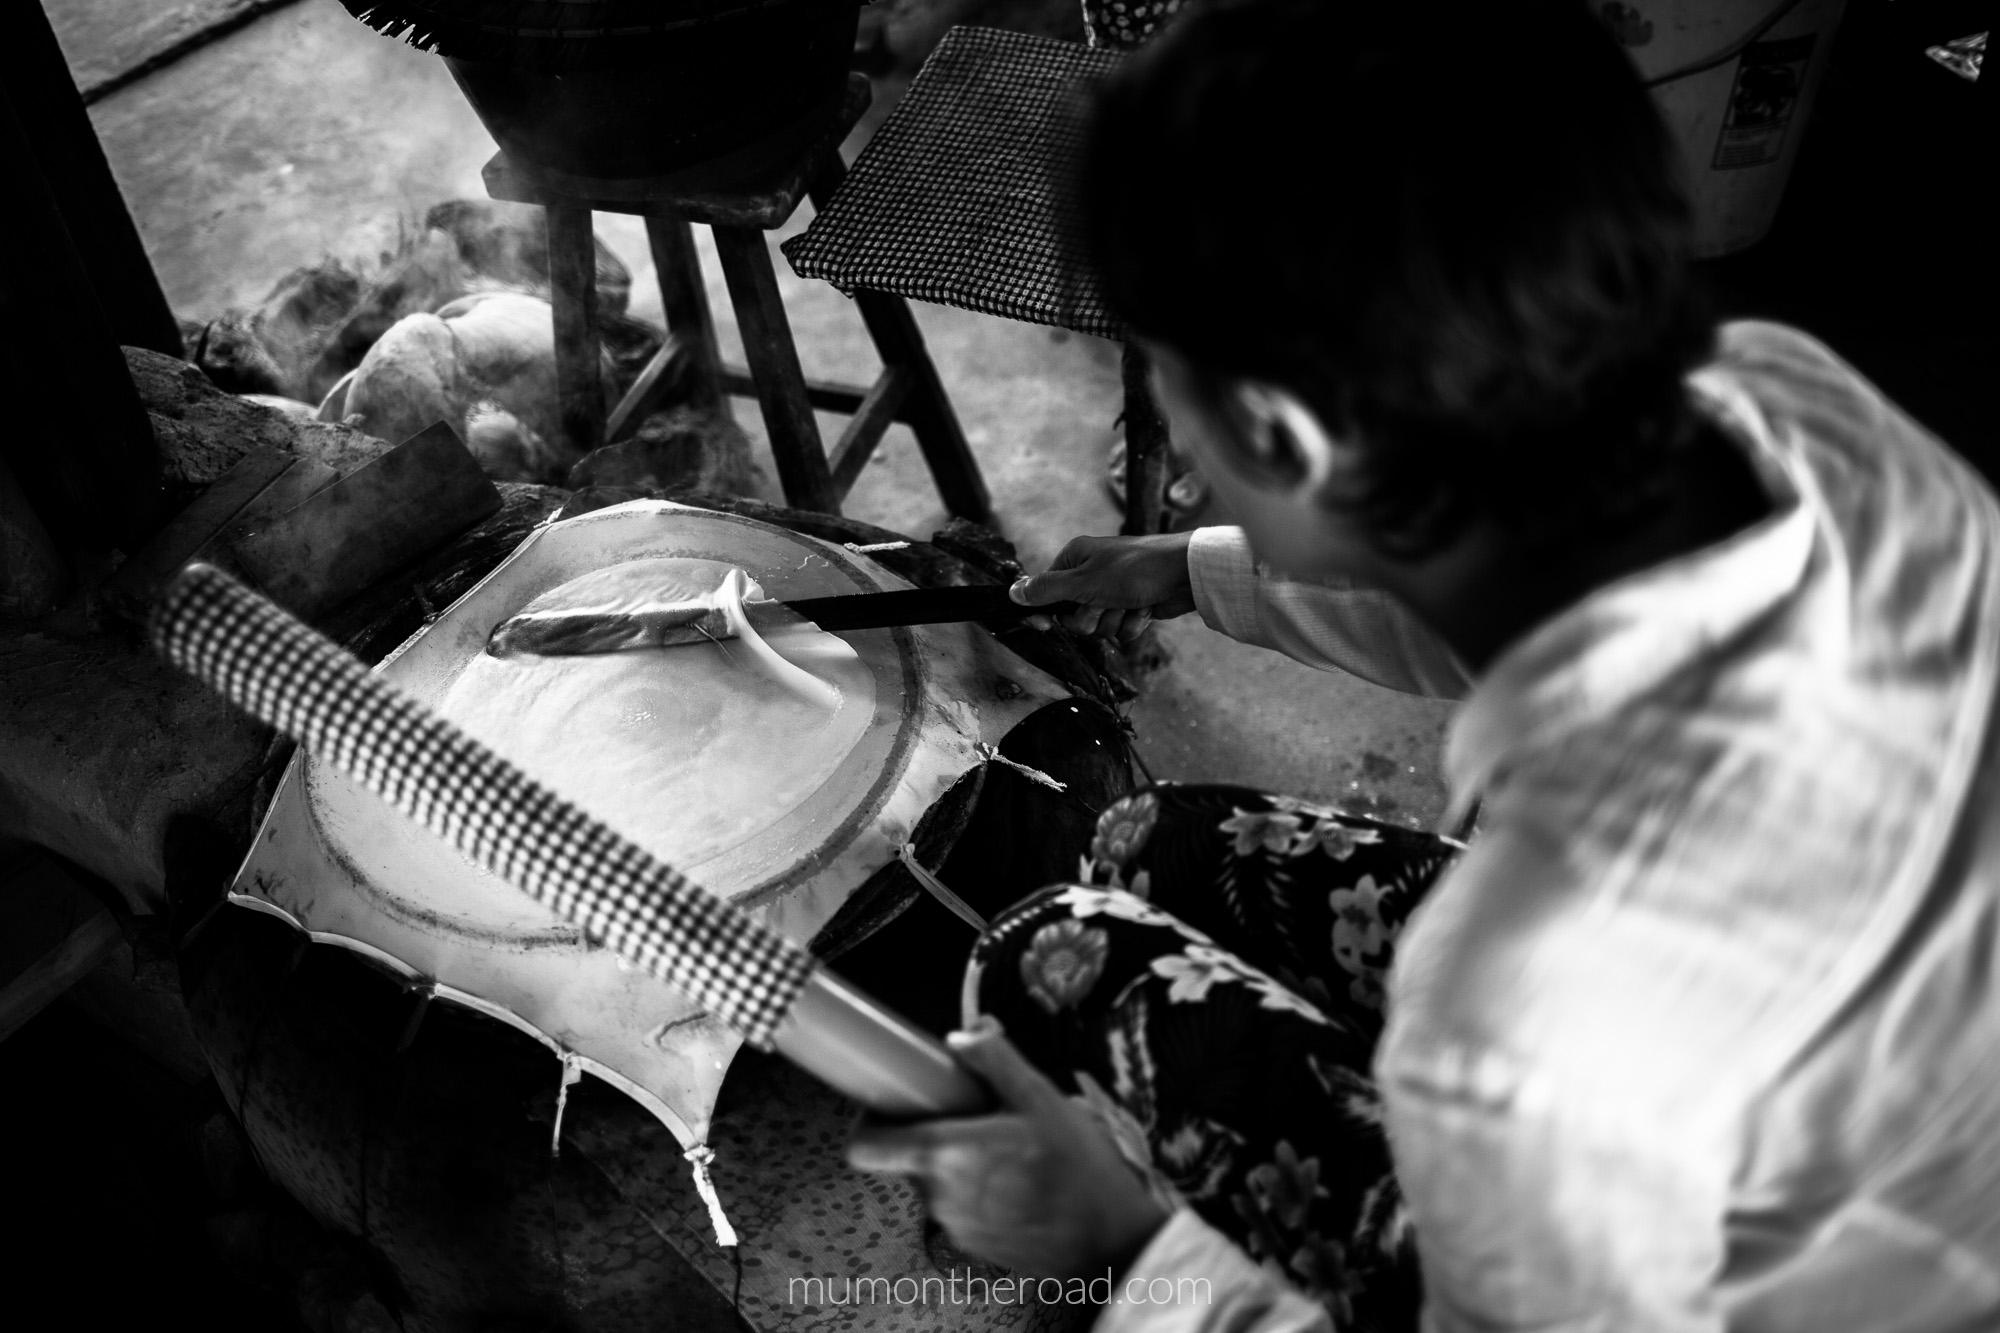 Mumontheroad s'exerce à la confection de galettes de riz